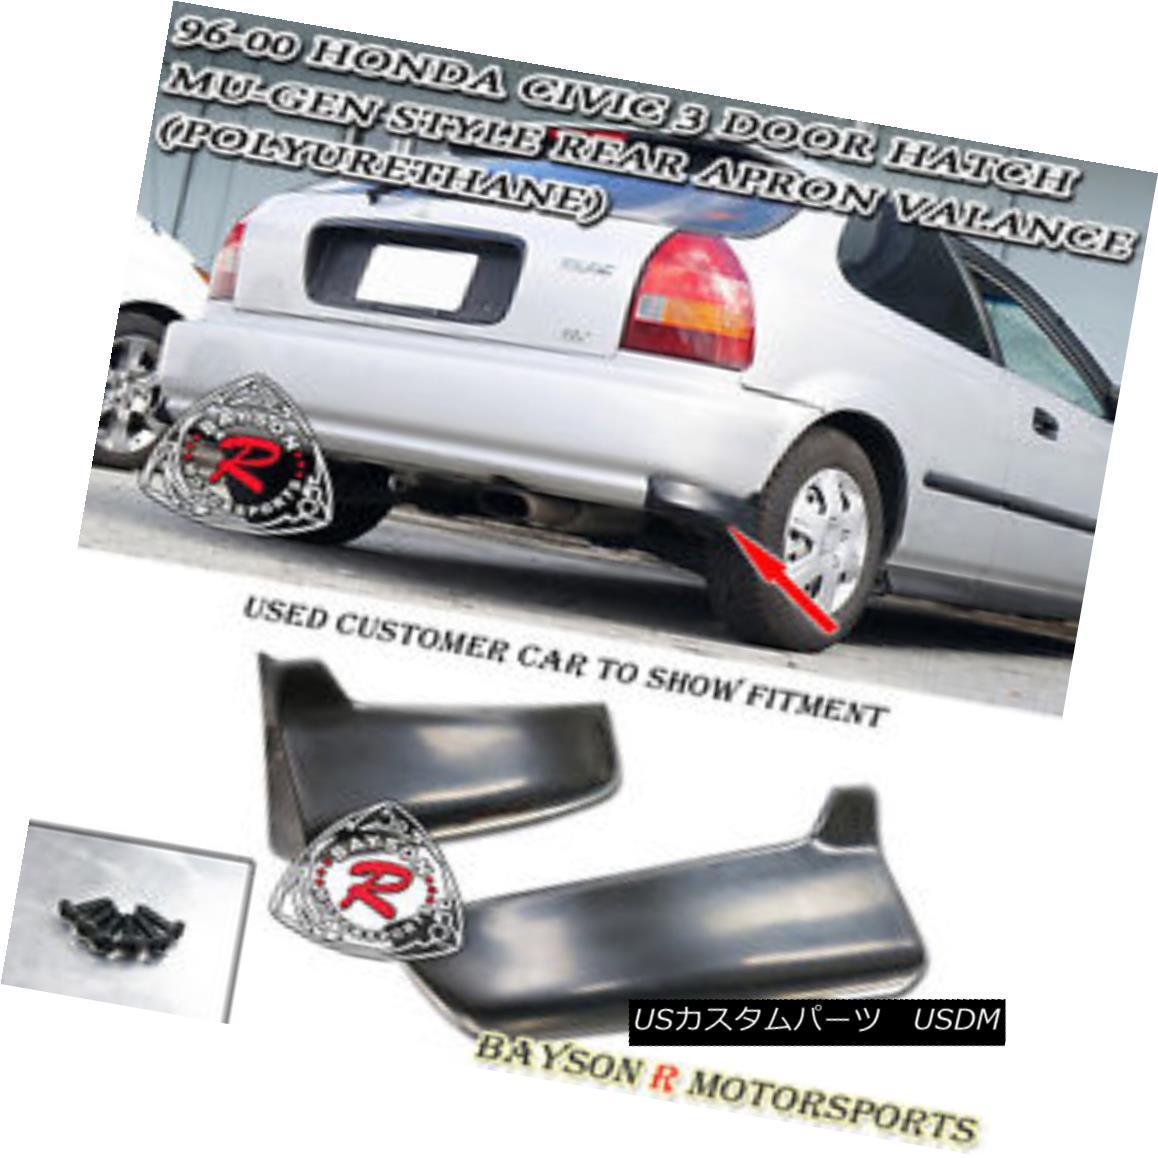 エアロパーツ Mu-gen Style Rear Lip Valences Aprons (PU) Fits 96-00 Civic 3dr Mu-genスタイルのリアリップバレンスエプロン(PU)96-00 Civic 3drに適合